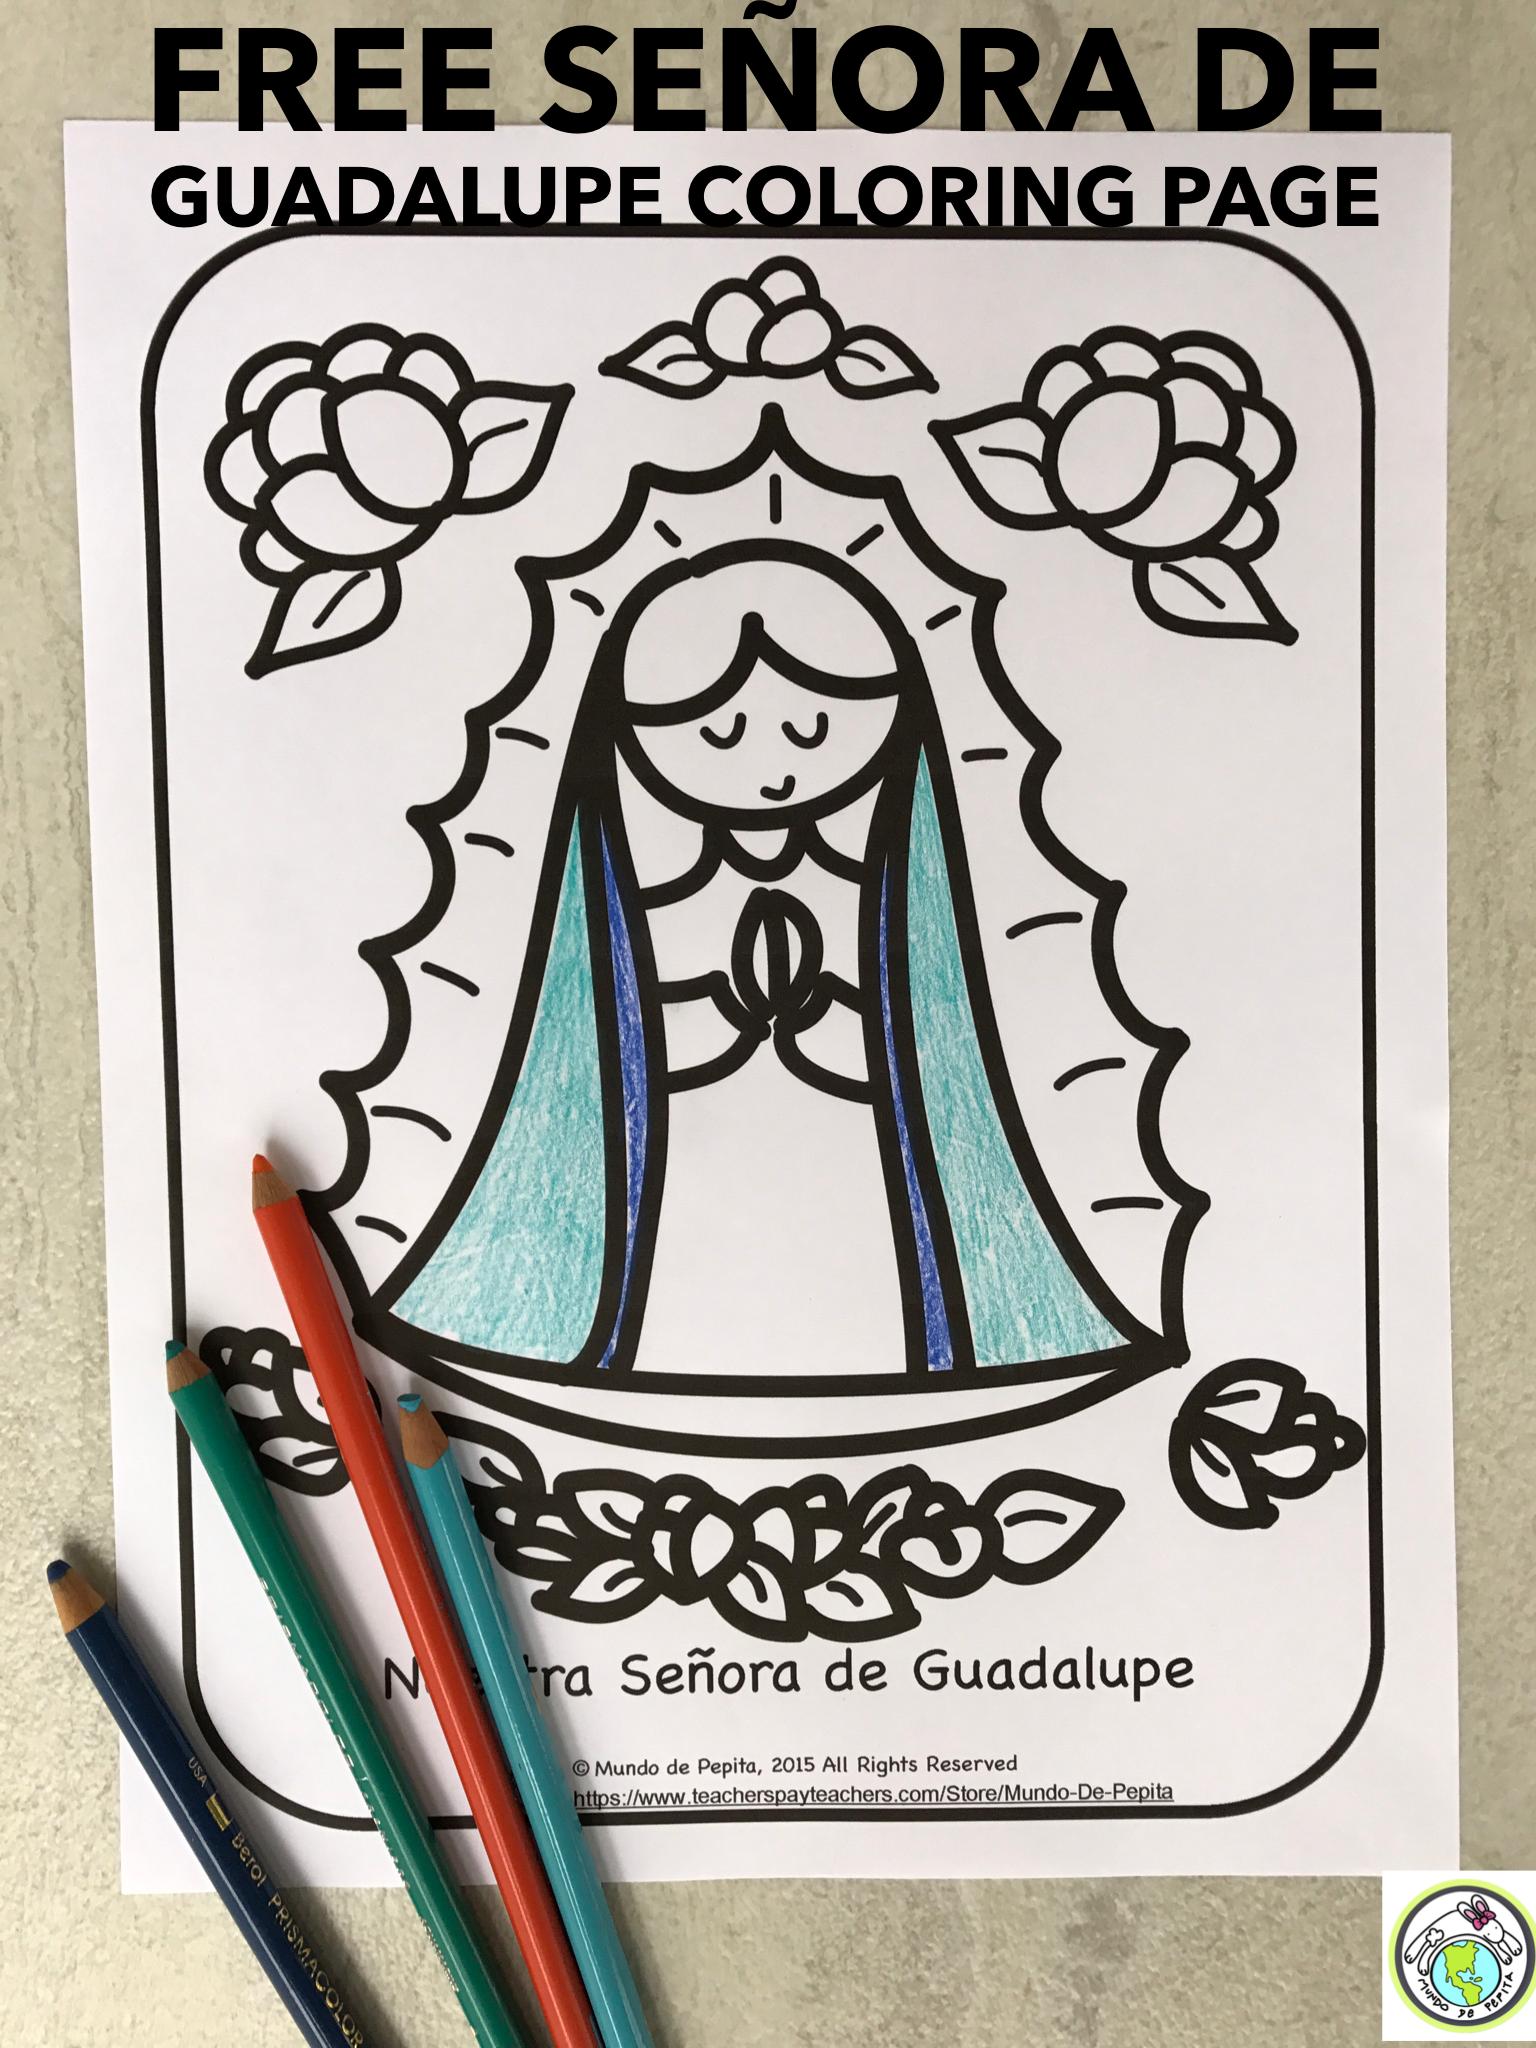 Free señora de guadalupe coloring page mundo de pepita resources